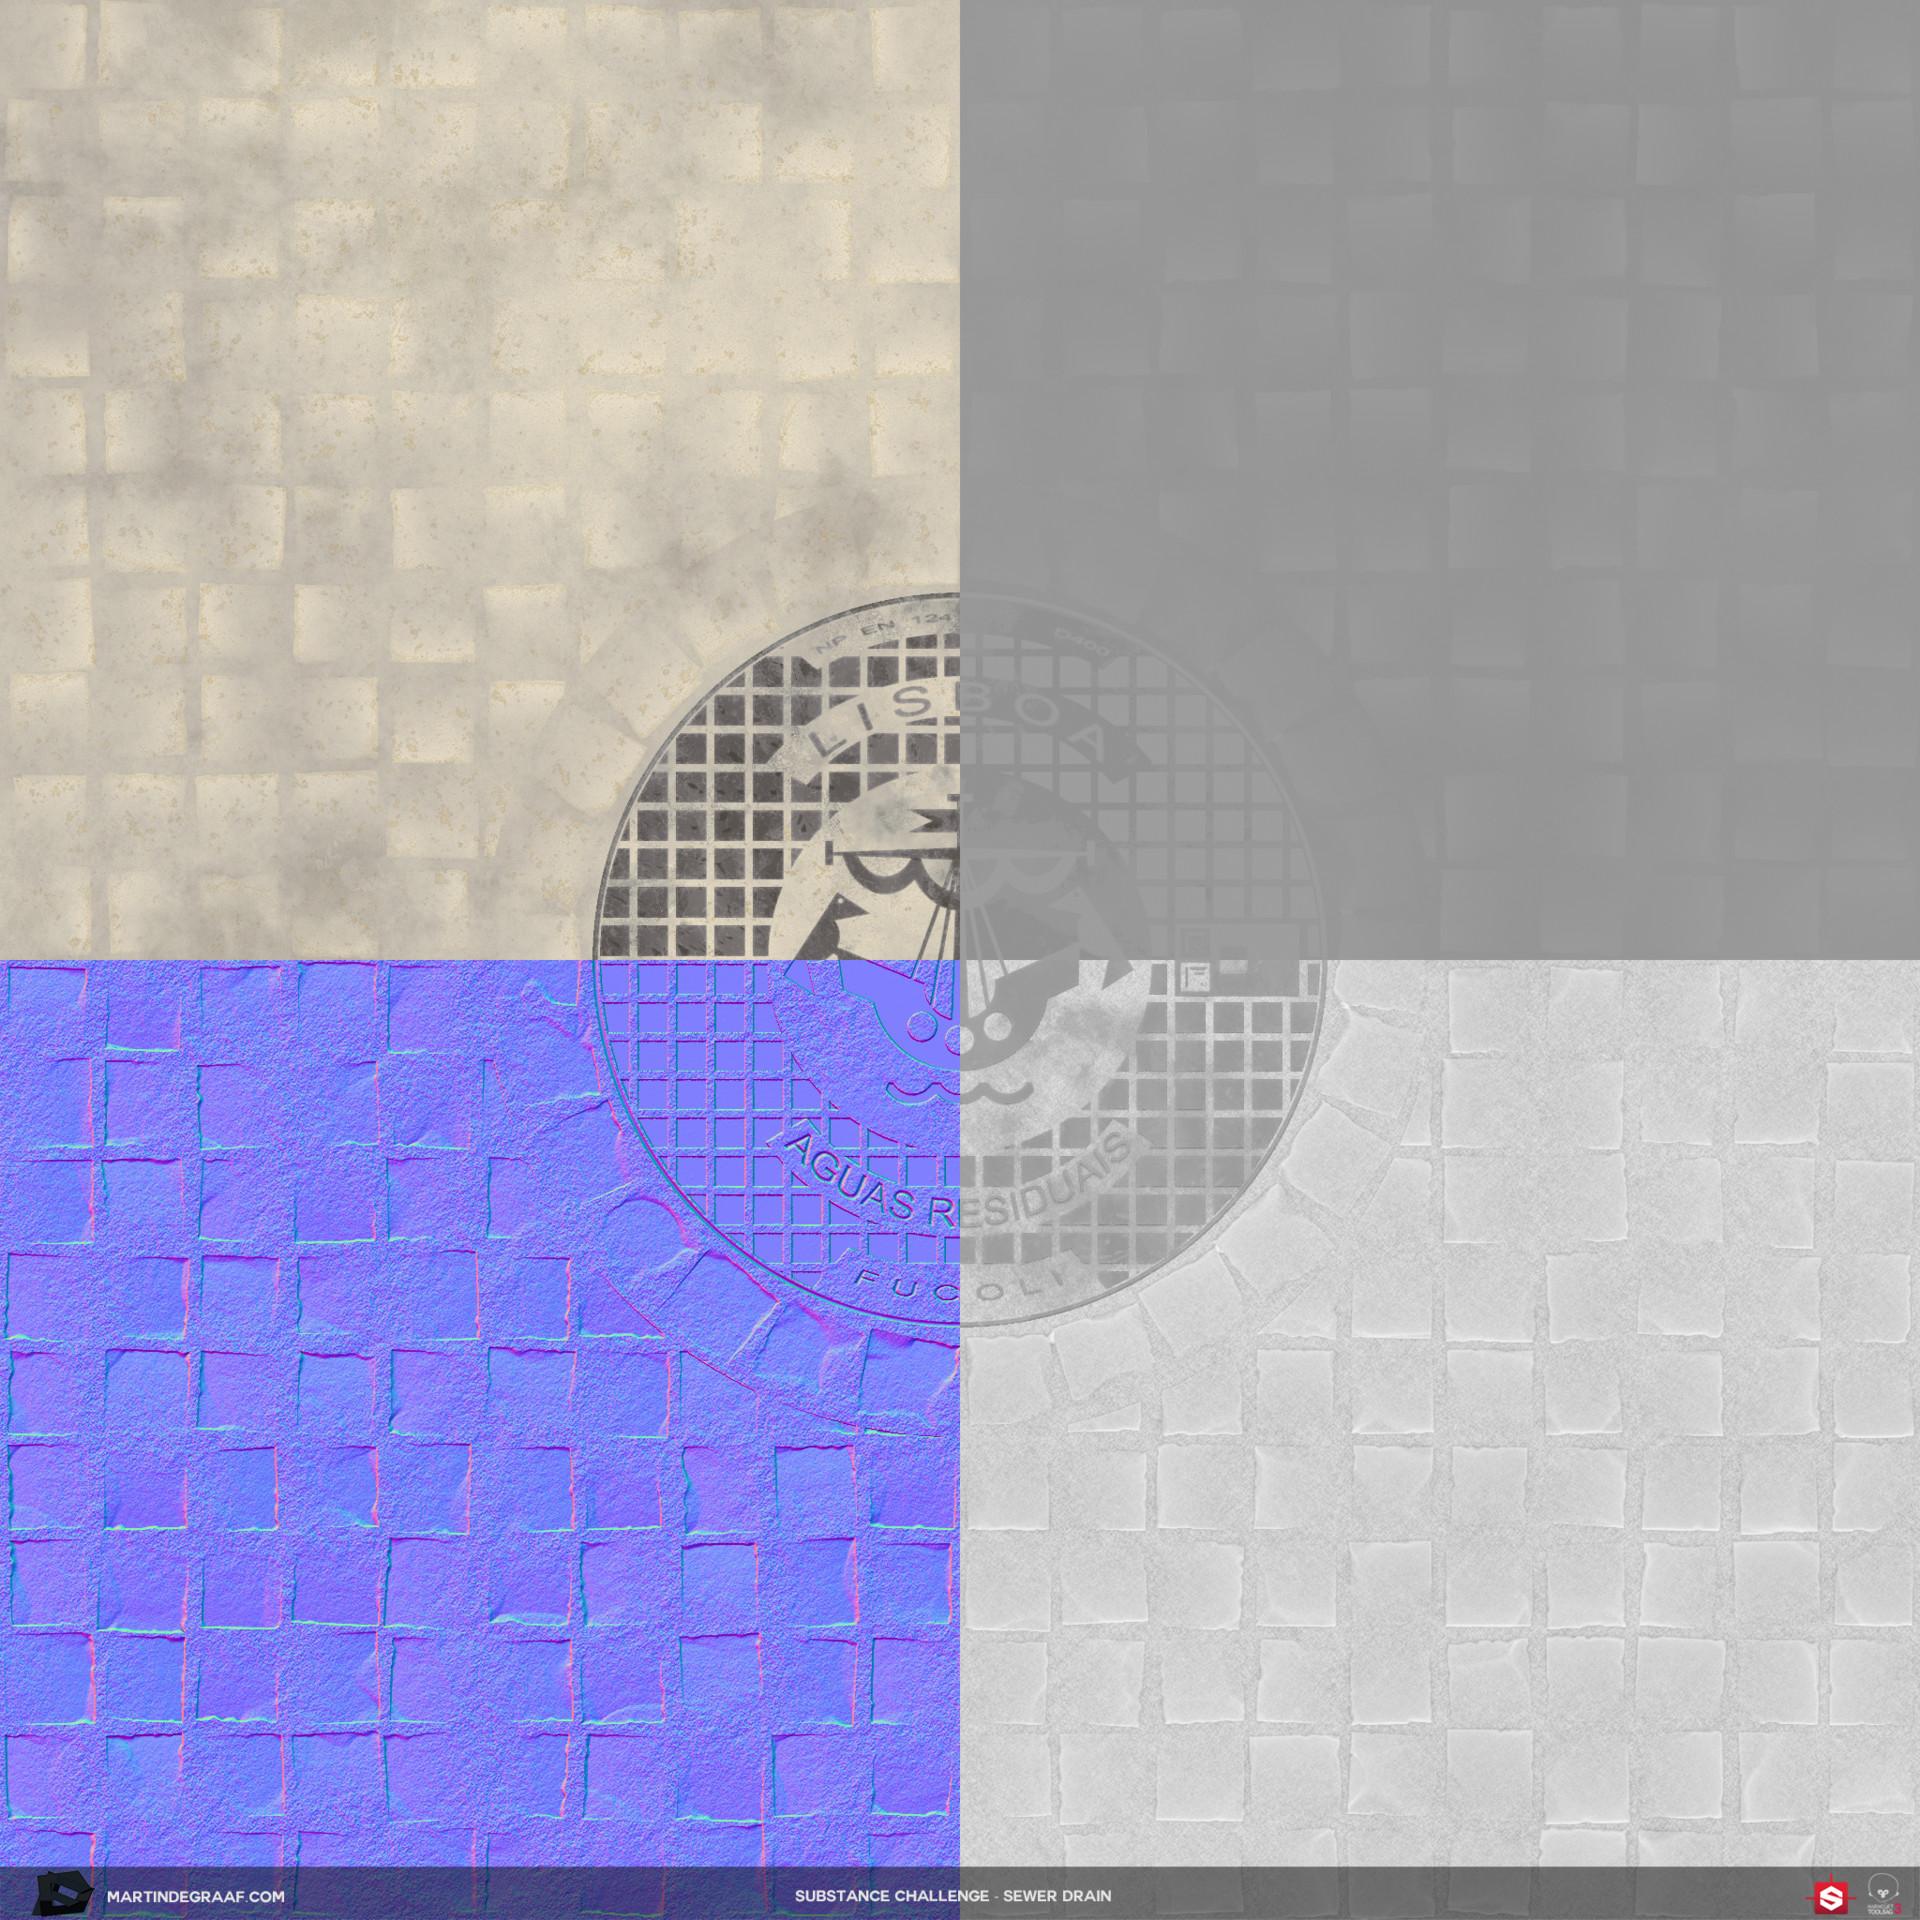 Martin de graaf substance challenge sewer drain substance texturesheet martin de graaf 2017